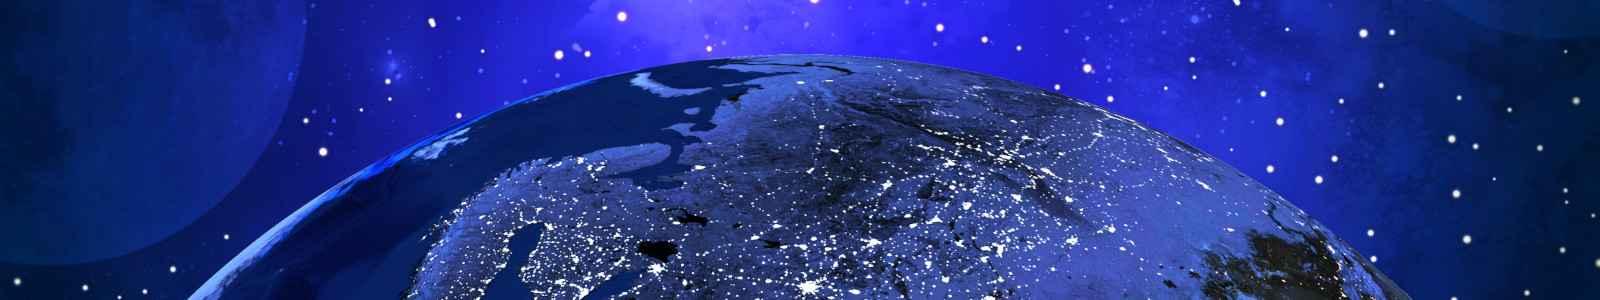 1147-clarity-verdensmiljoe-karina-bundgaard-1600x300